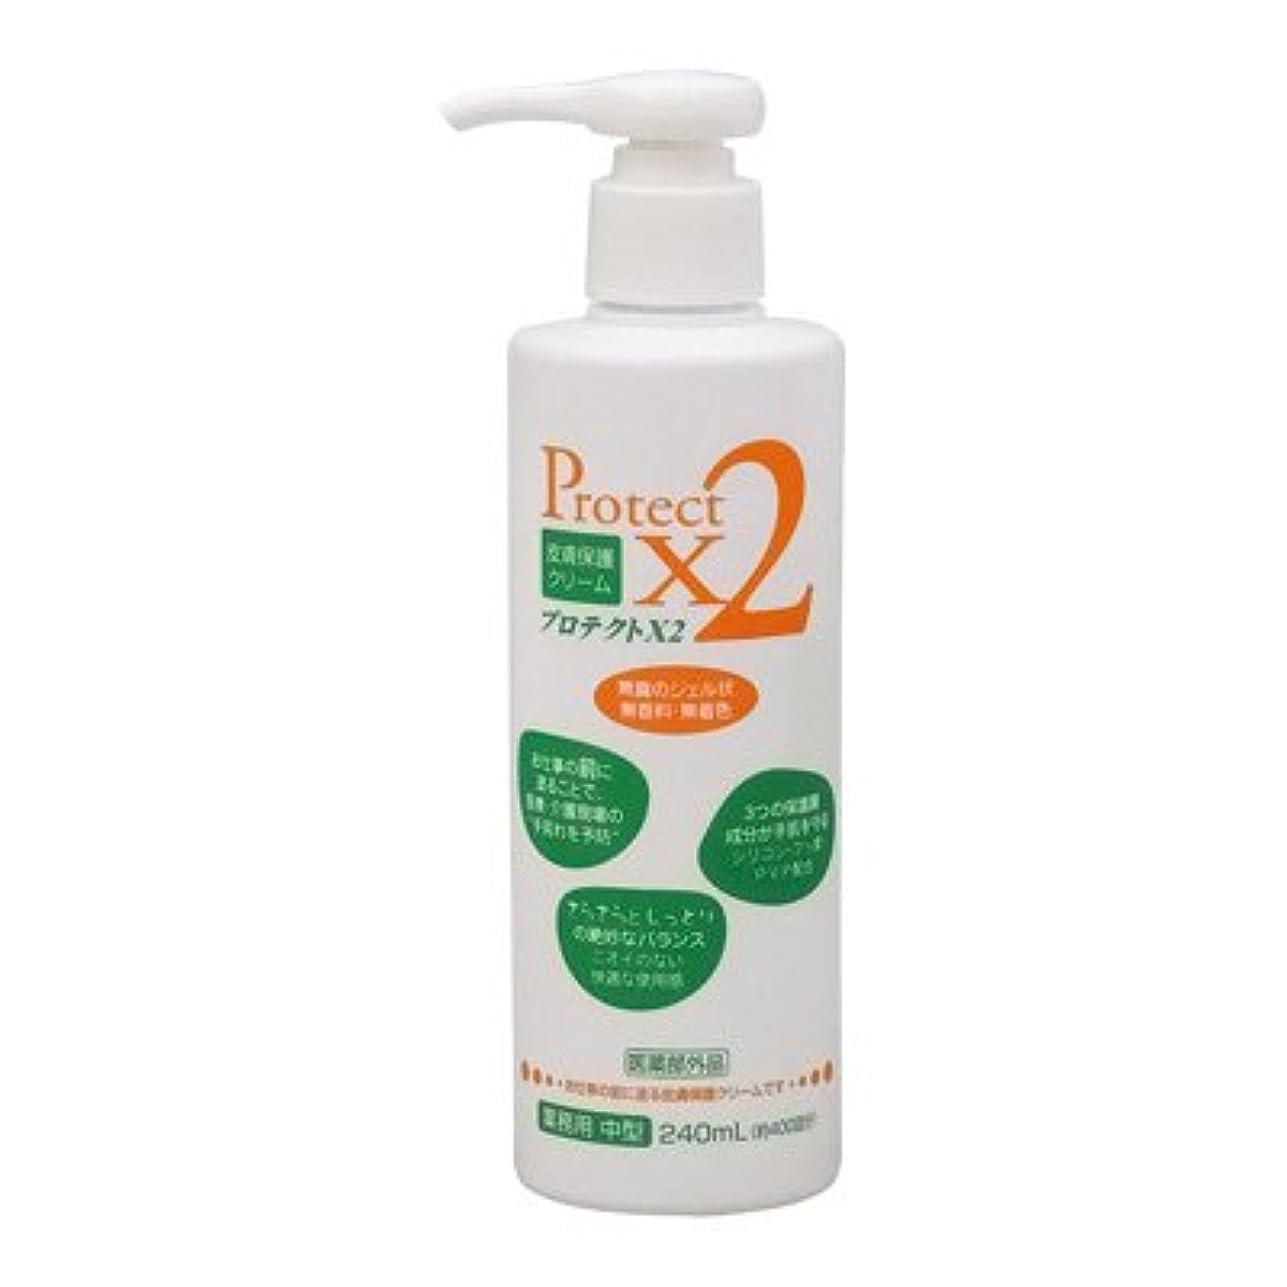 はさみありふれた温帯皮膚保護クリーム プロテクトX2 240ml(中型)